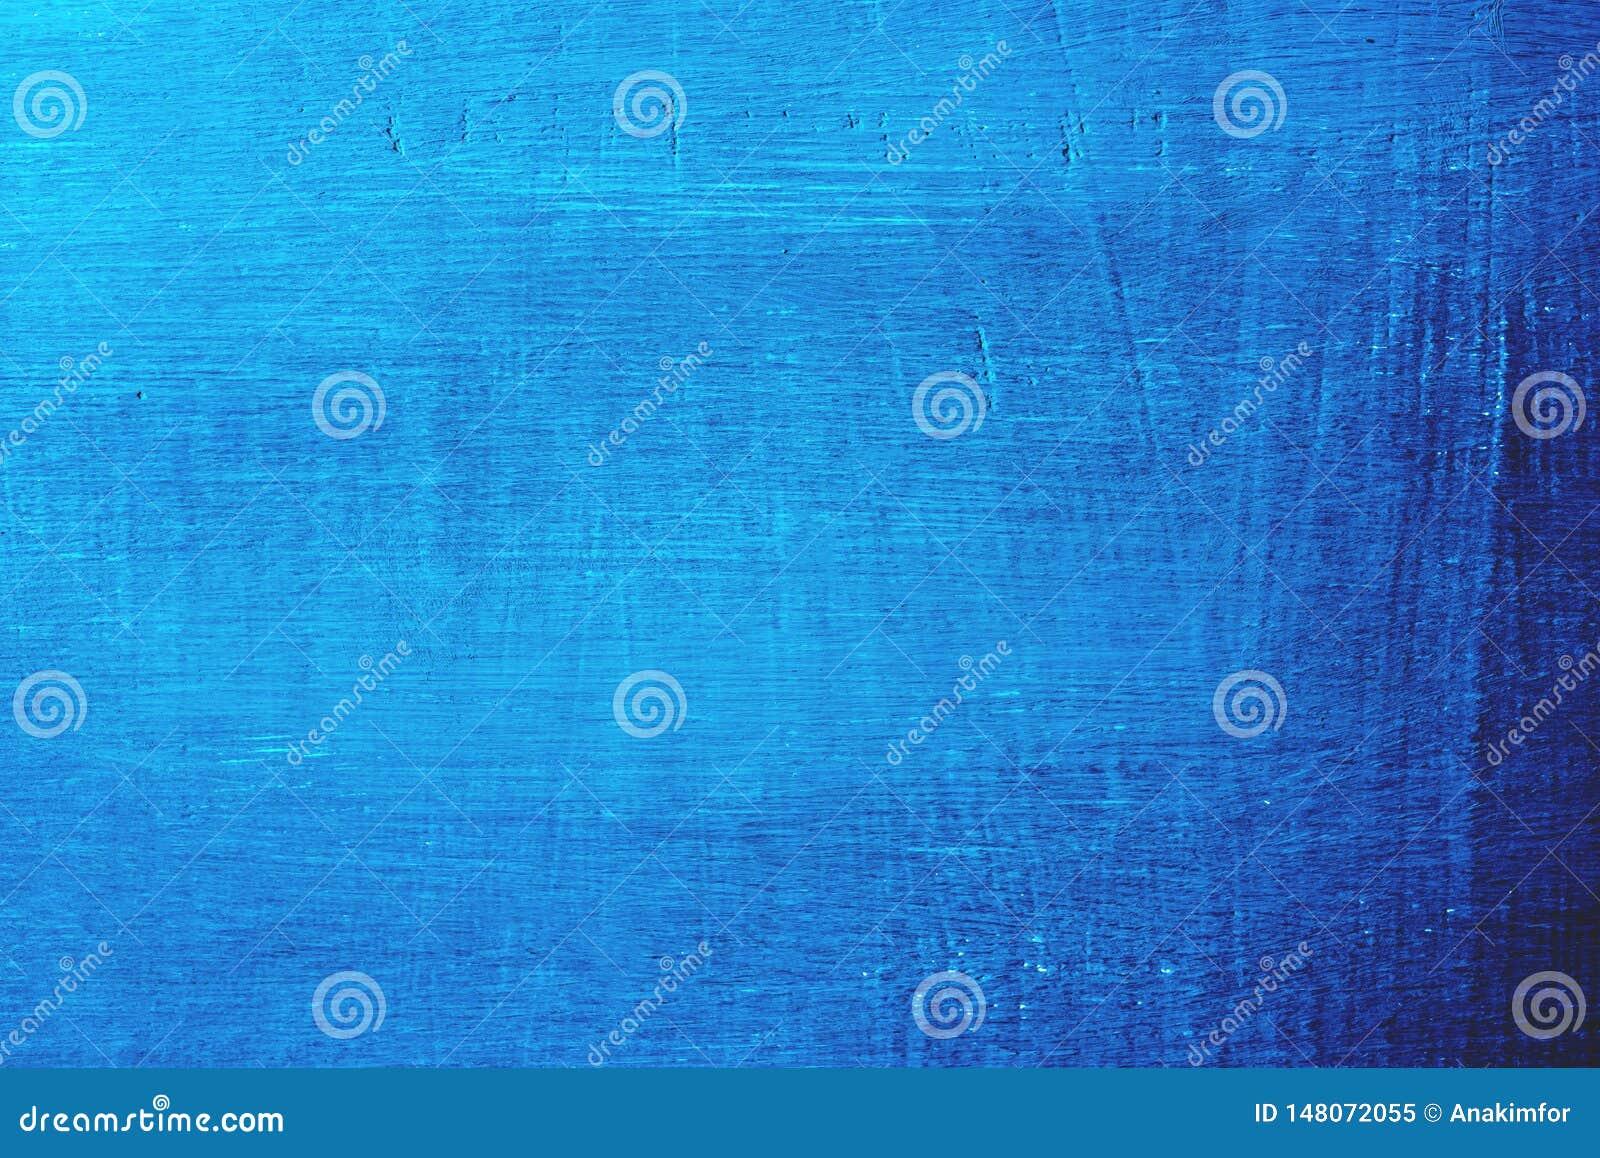 Abstrakter blauer grunge Hintergrund